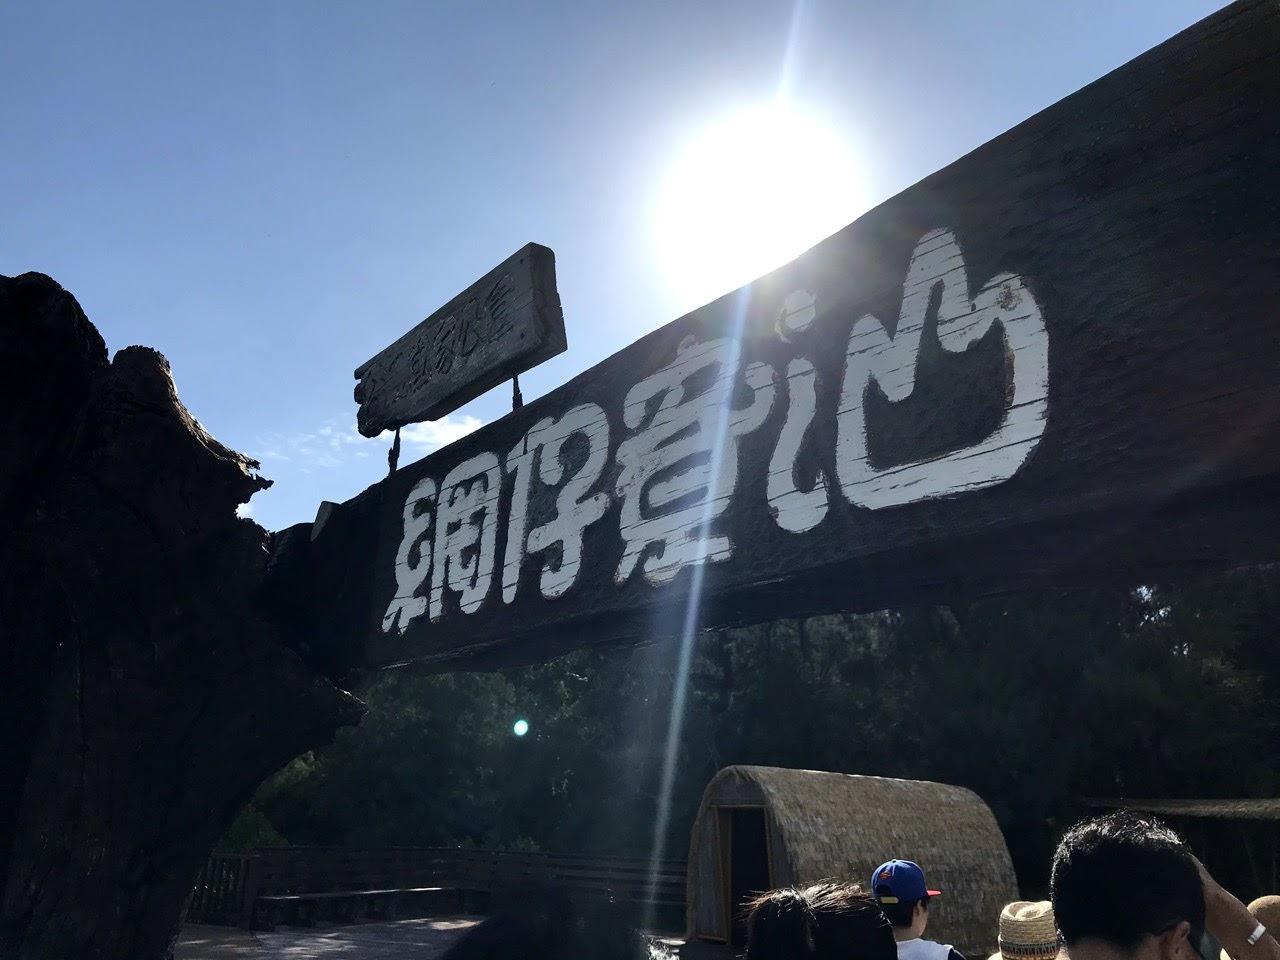 【台南|七股】永順號遊潟湖|肥美鮮蚵吃到飽還有專業潟湖導覽|一人竟然只要250元!!